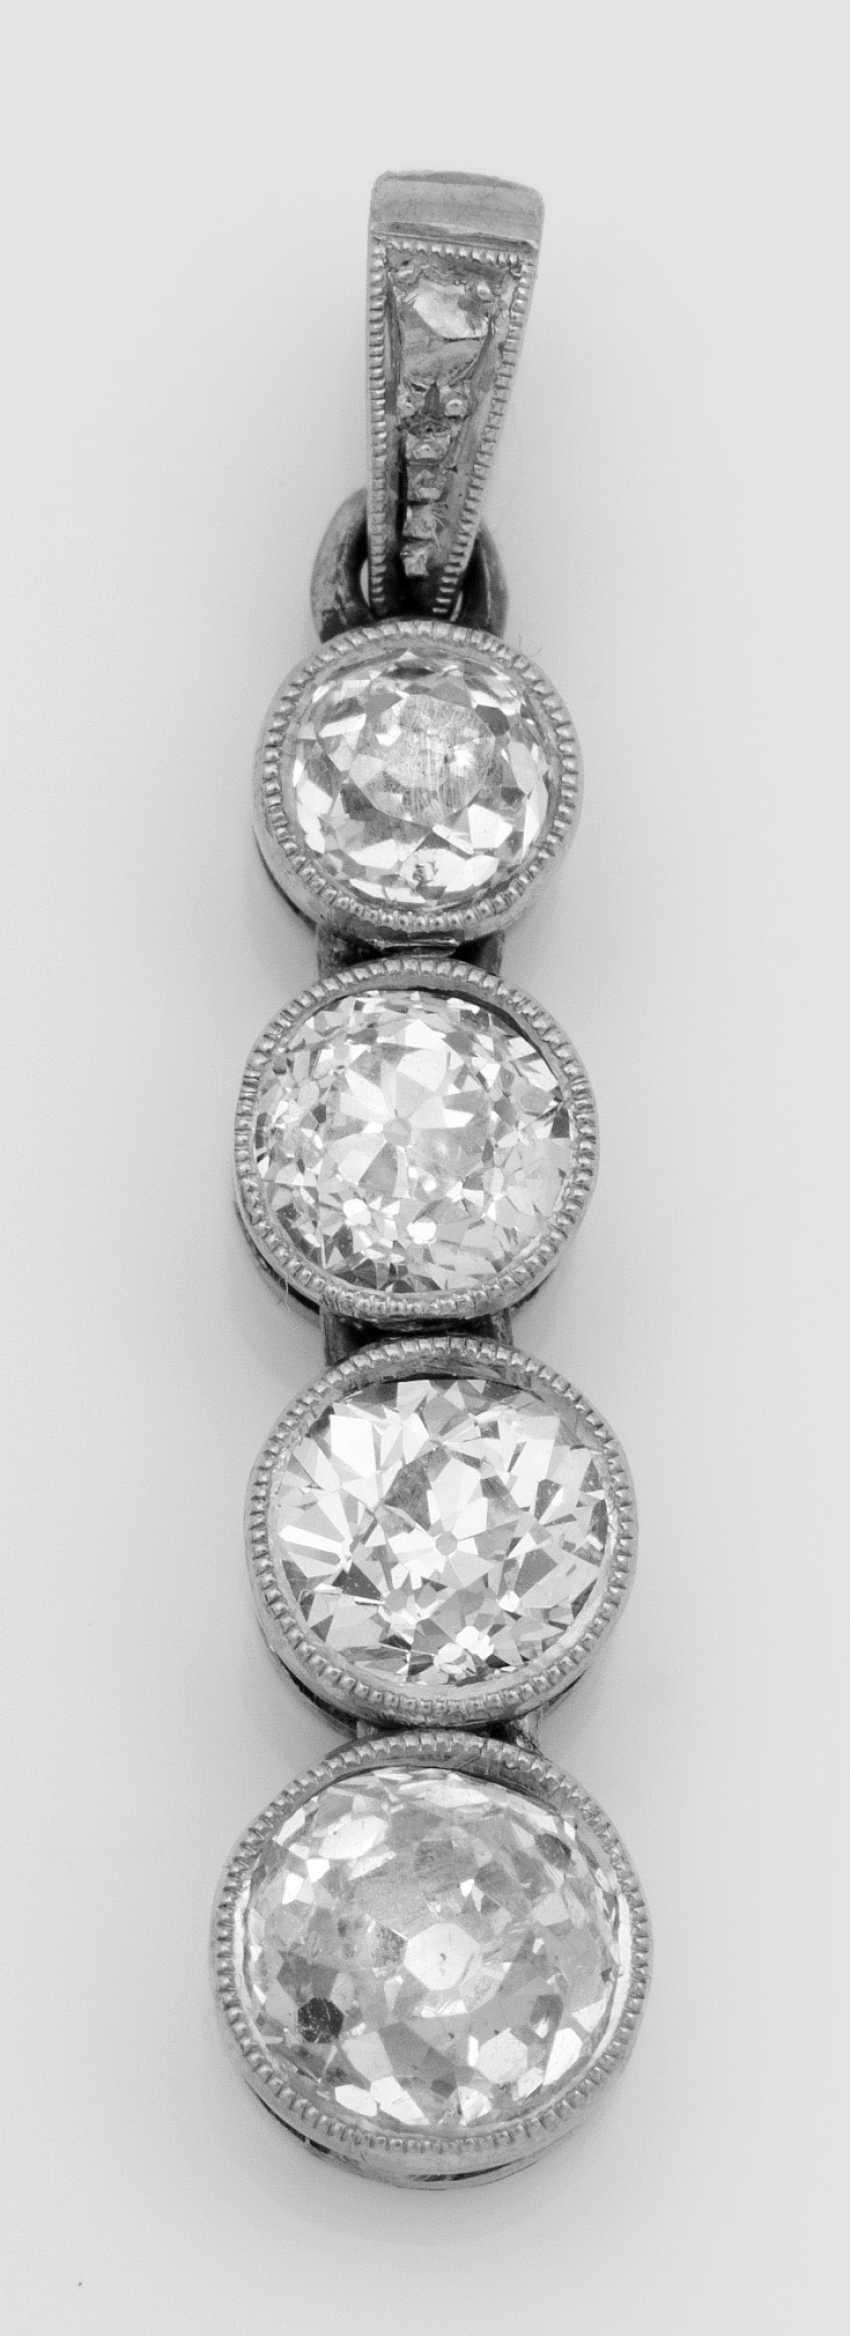 Art Deco Diamond Pendant - photo 1